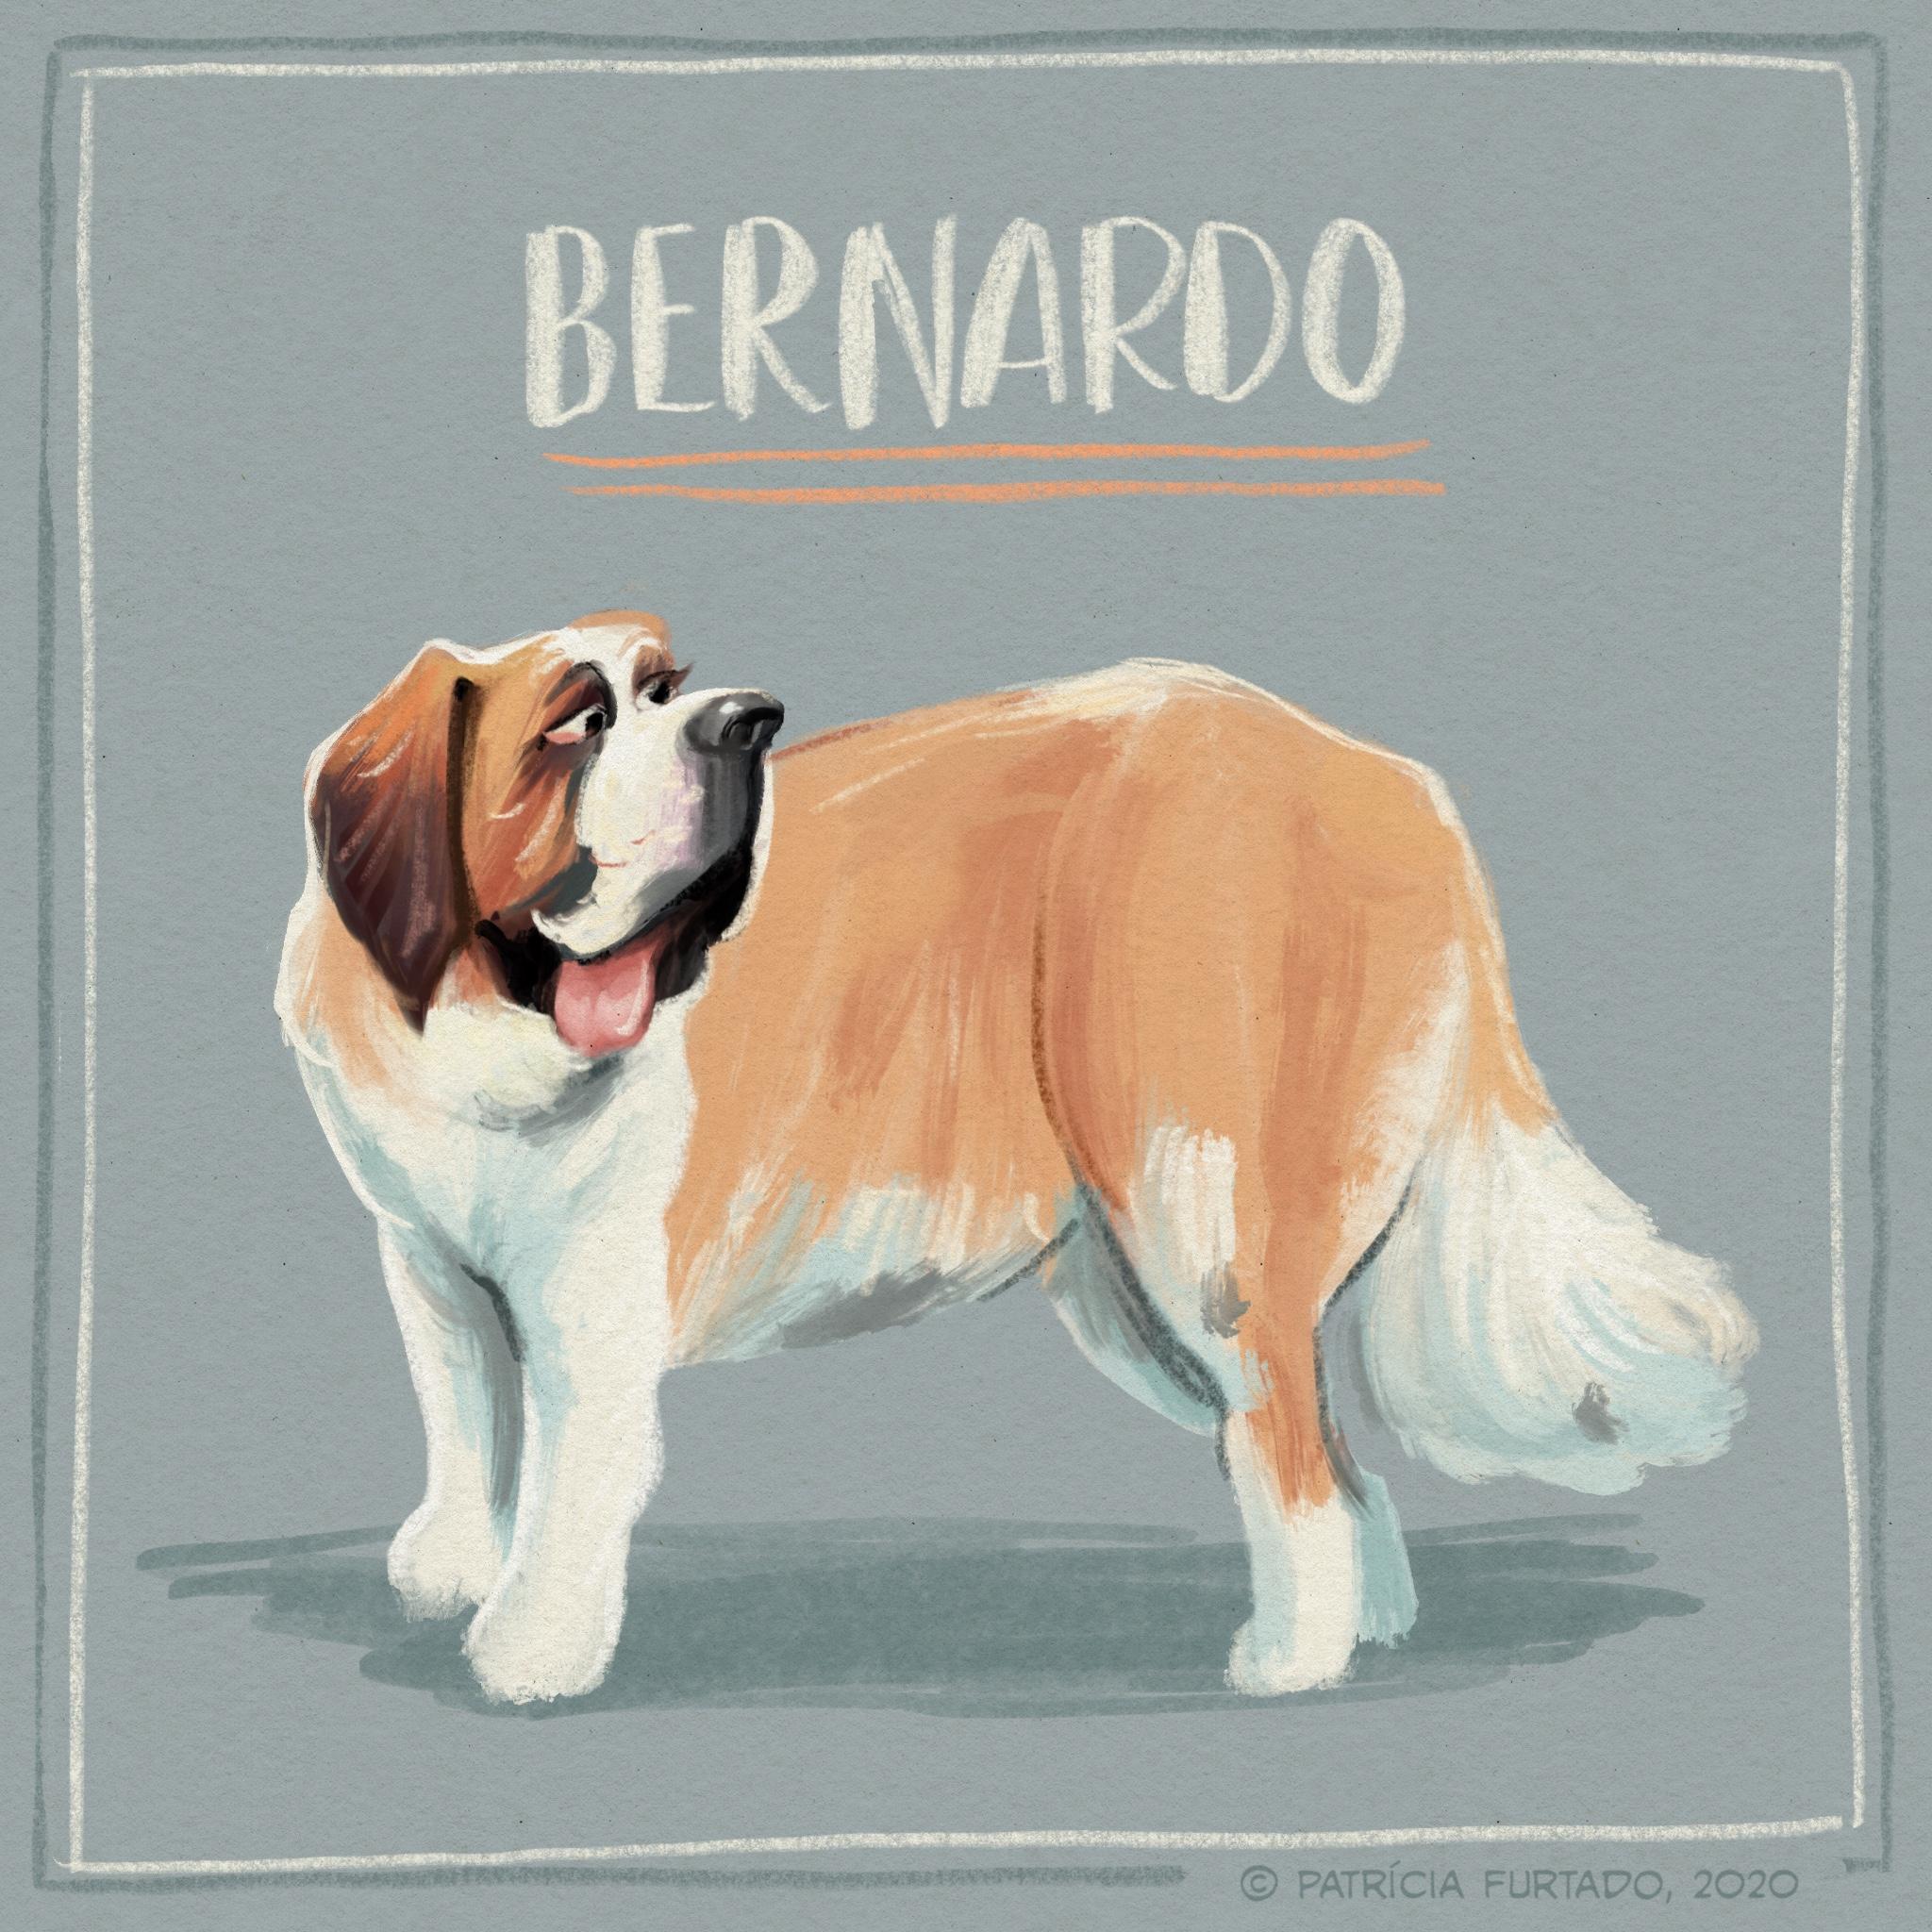 Bernardo